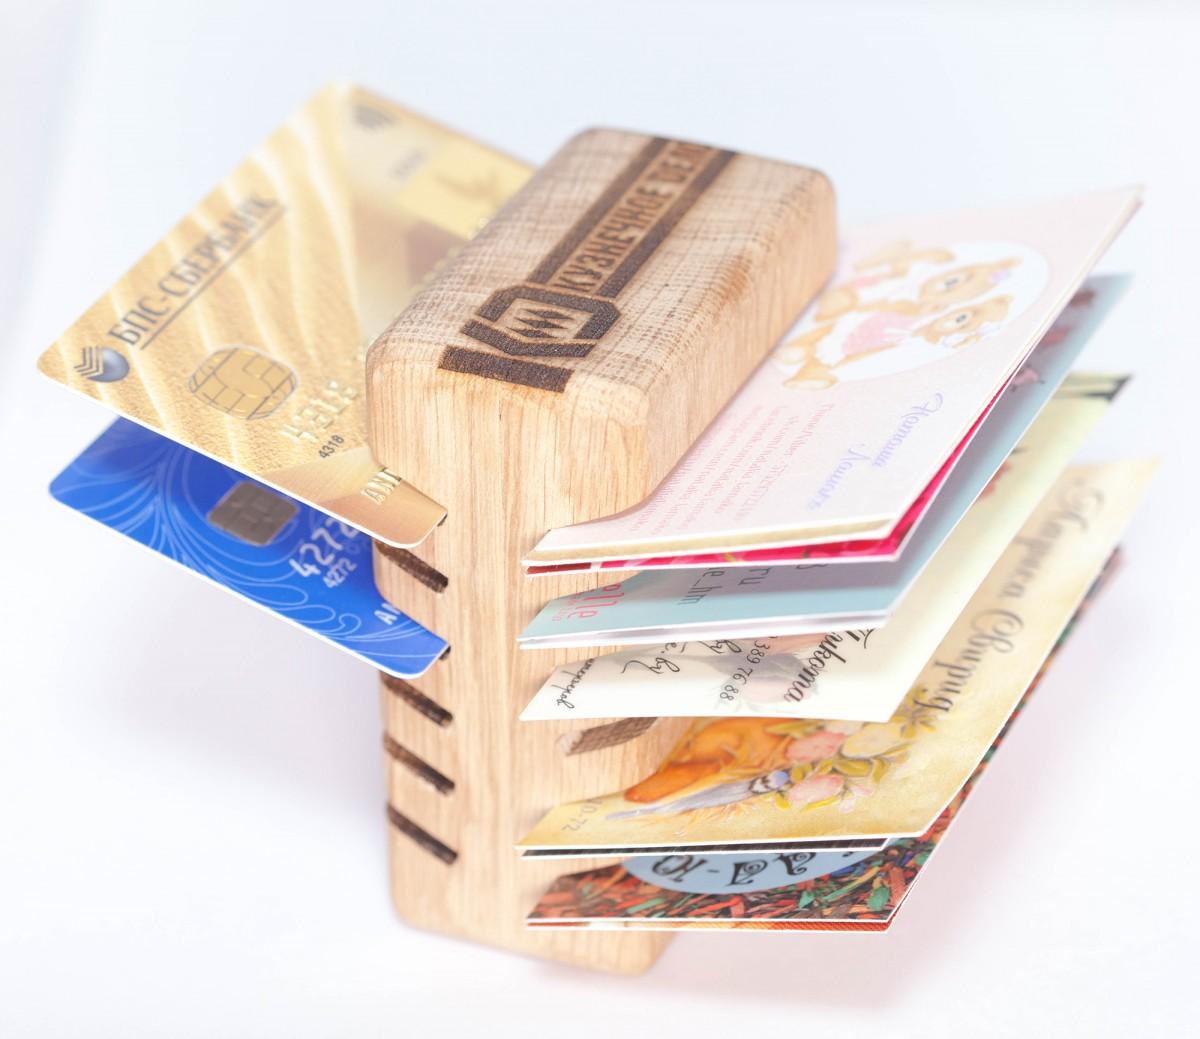 Держатели для визиток. Примеры и как их создать своими руками? 71